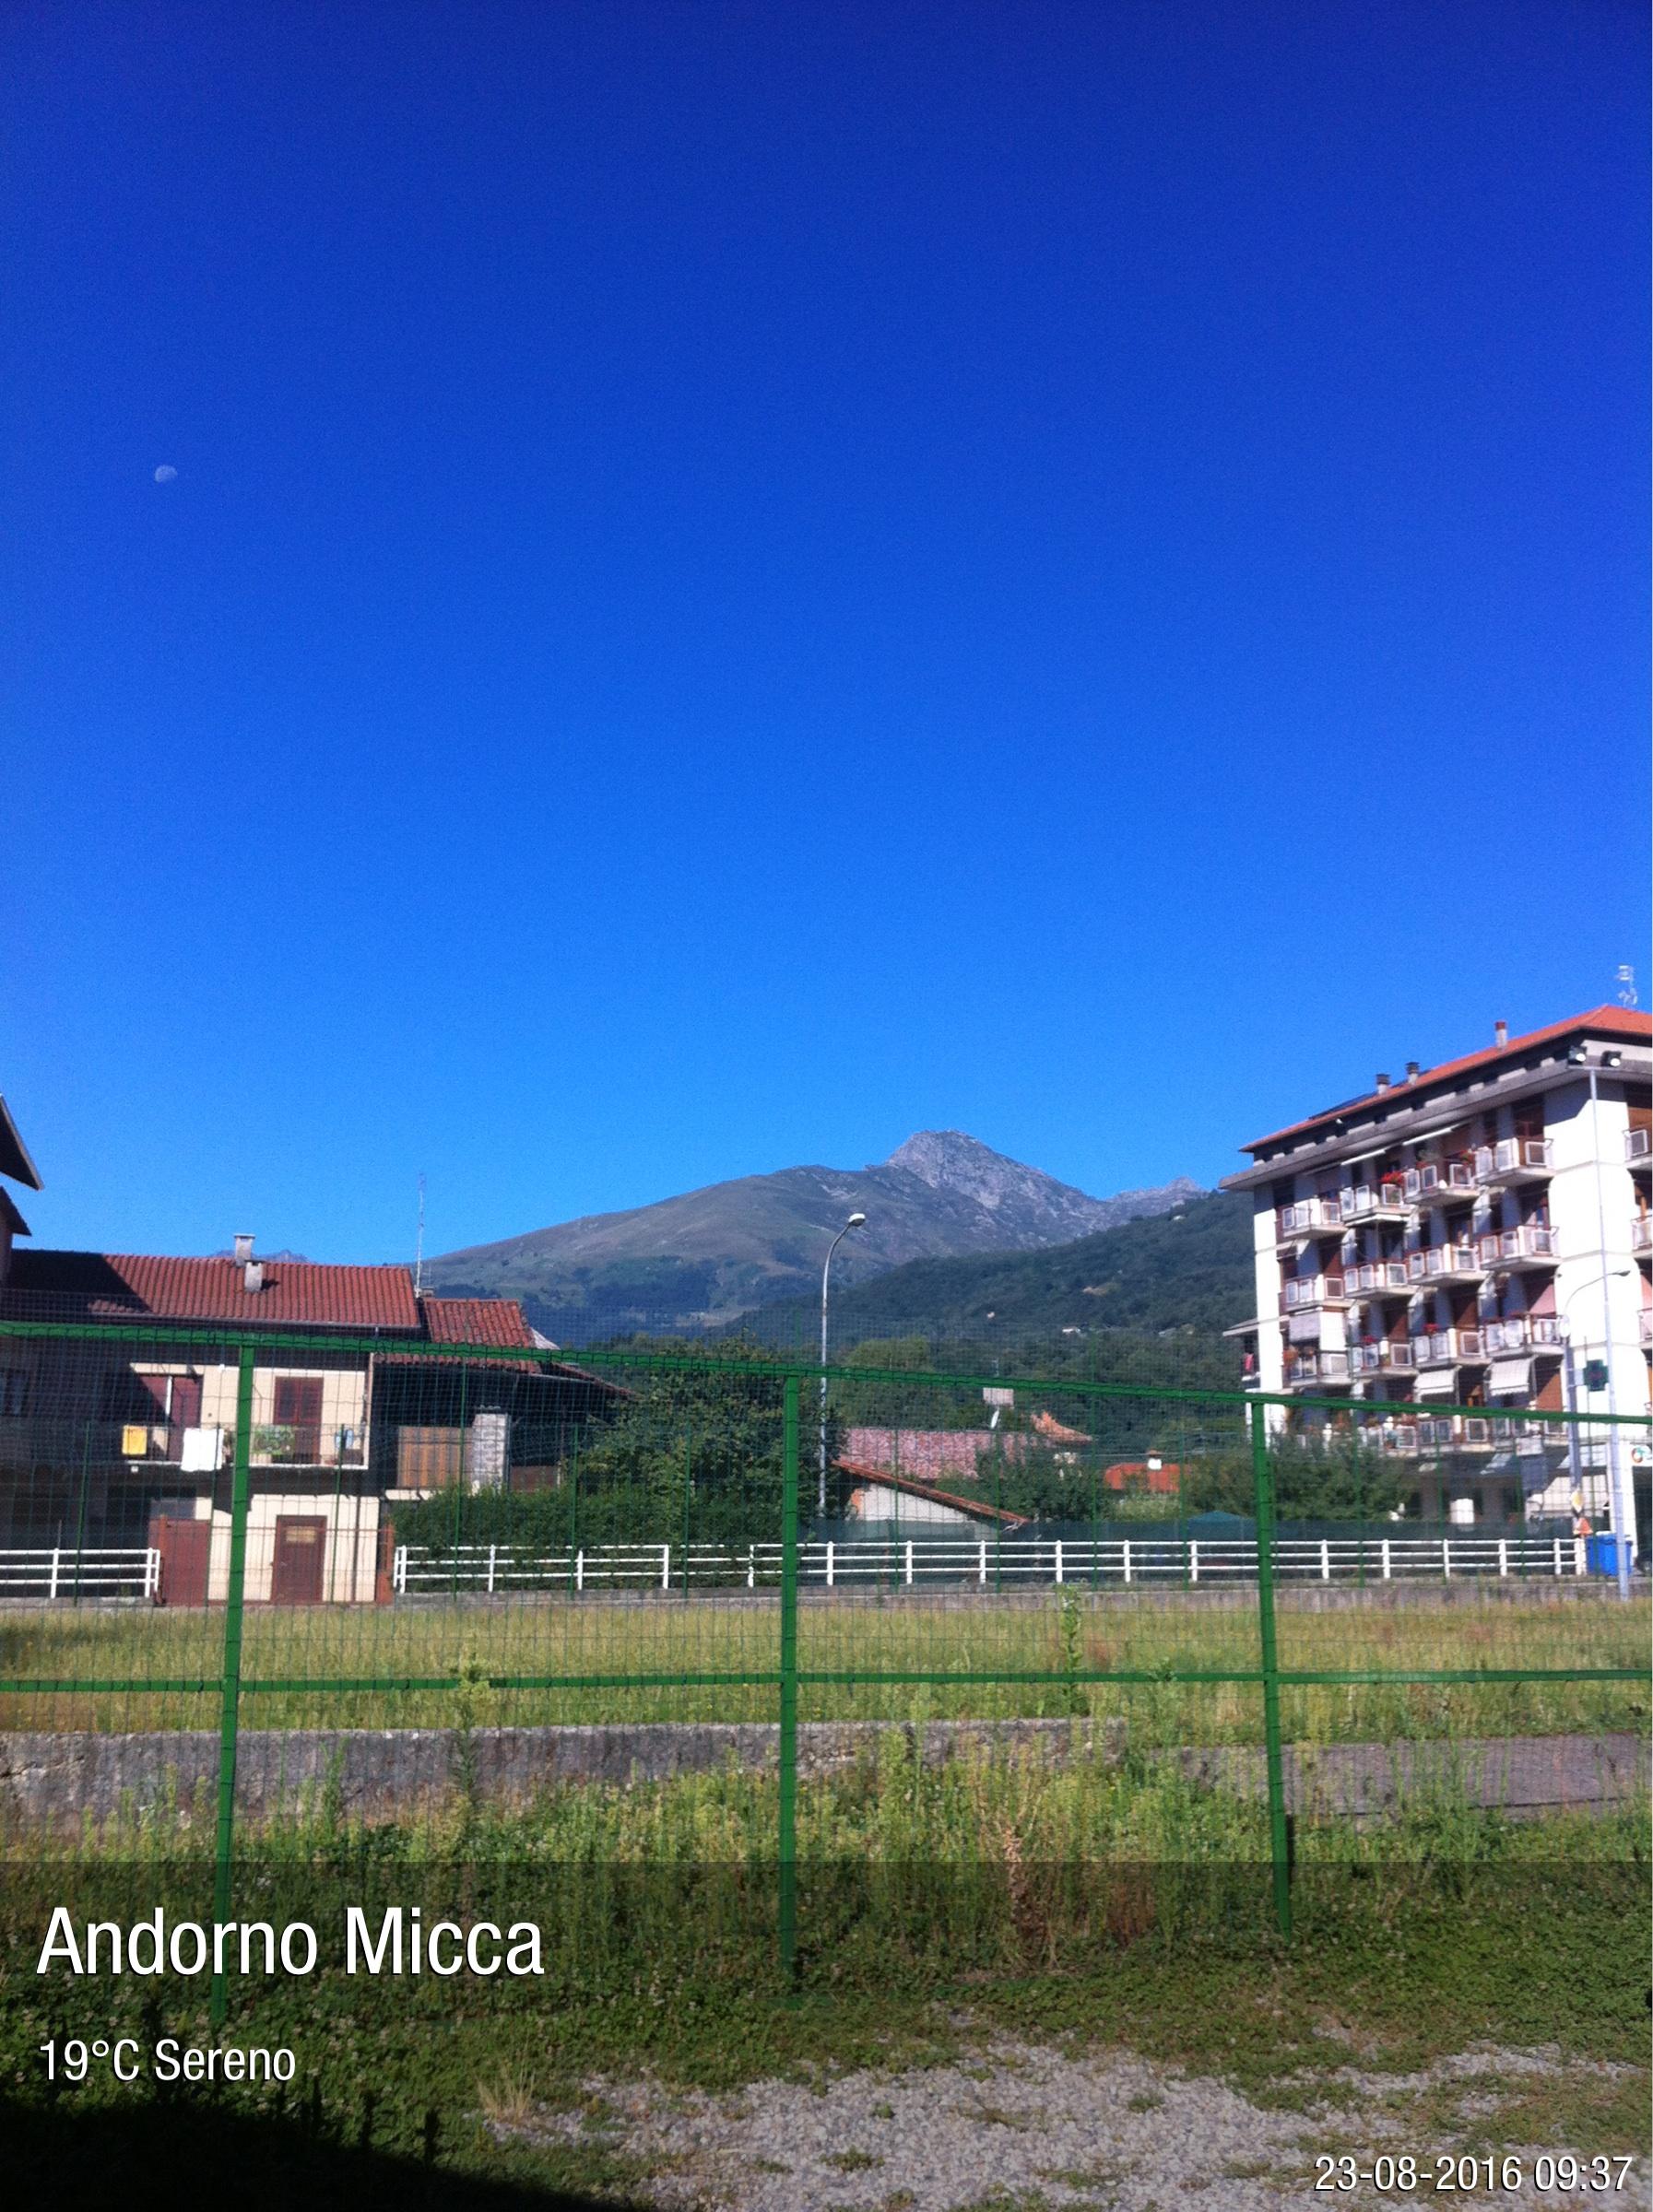 Foto meteo - Andorno Micca - Andorno Micca ore 9 38 » IL Meteo ... 2cede62aca1